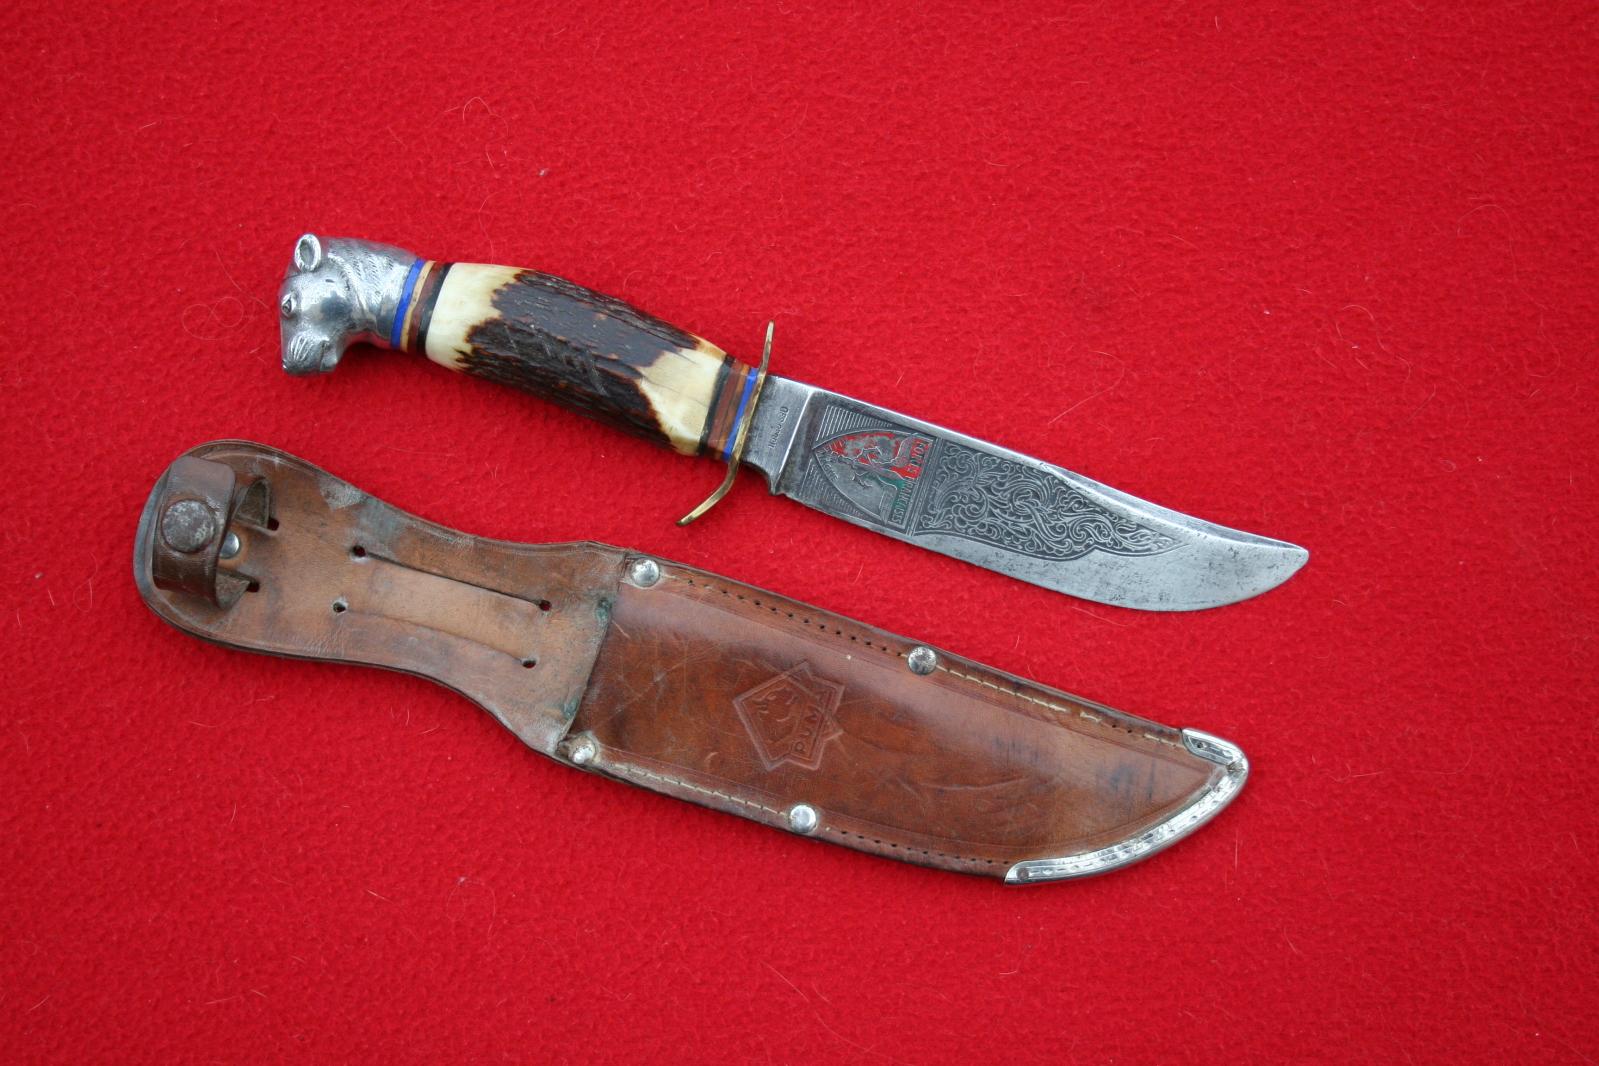 collection de lames de fabnatcyr (dague poignard couteau) - Page 5 Mwsf13